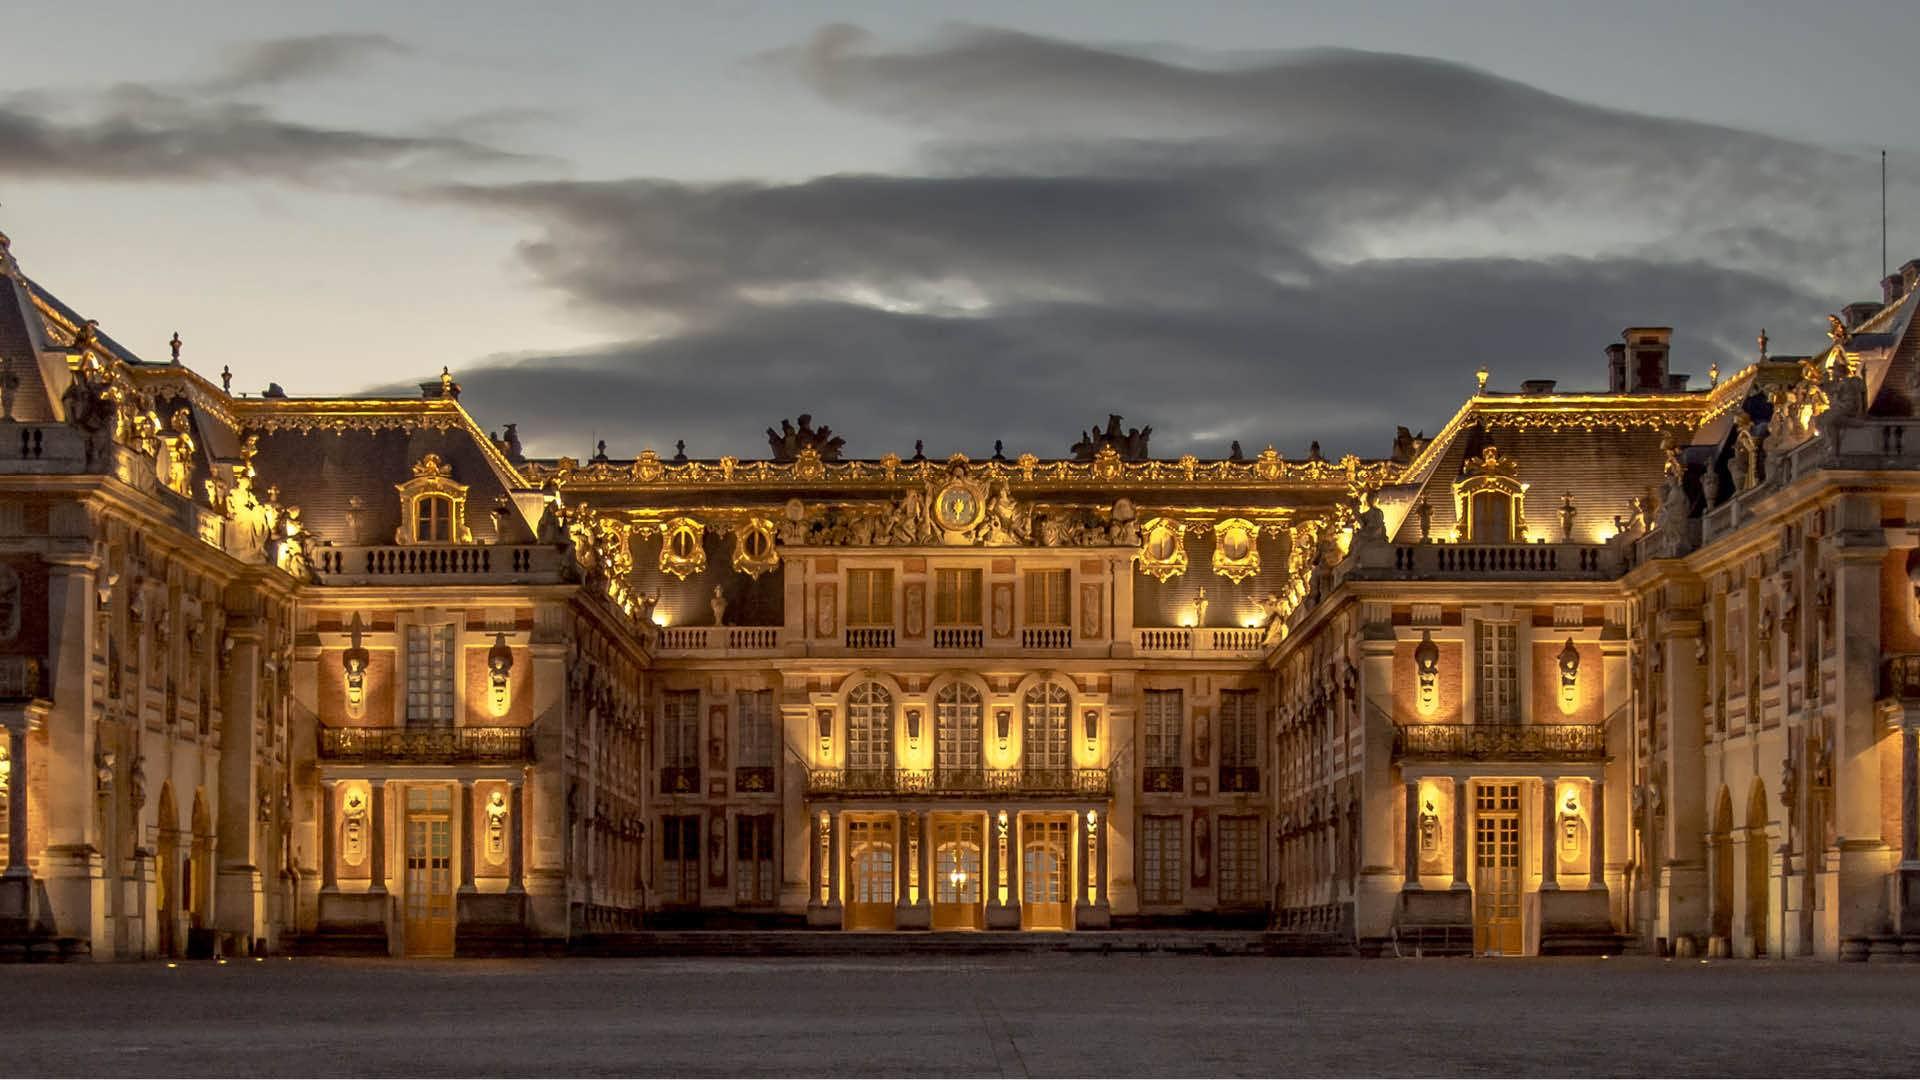 قصر ورسای پاریس با کلی قدمت و تاریخچه